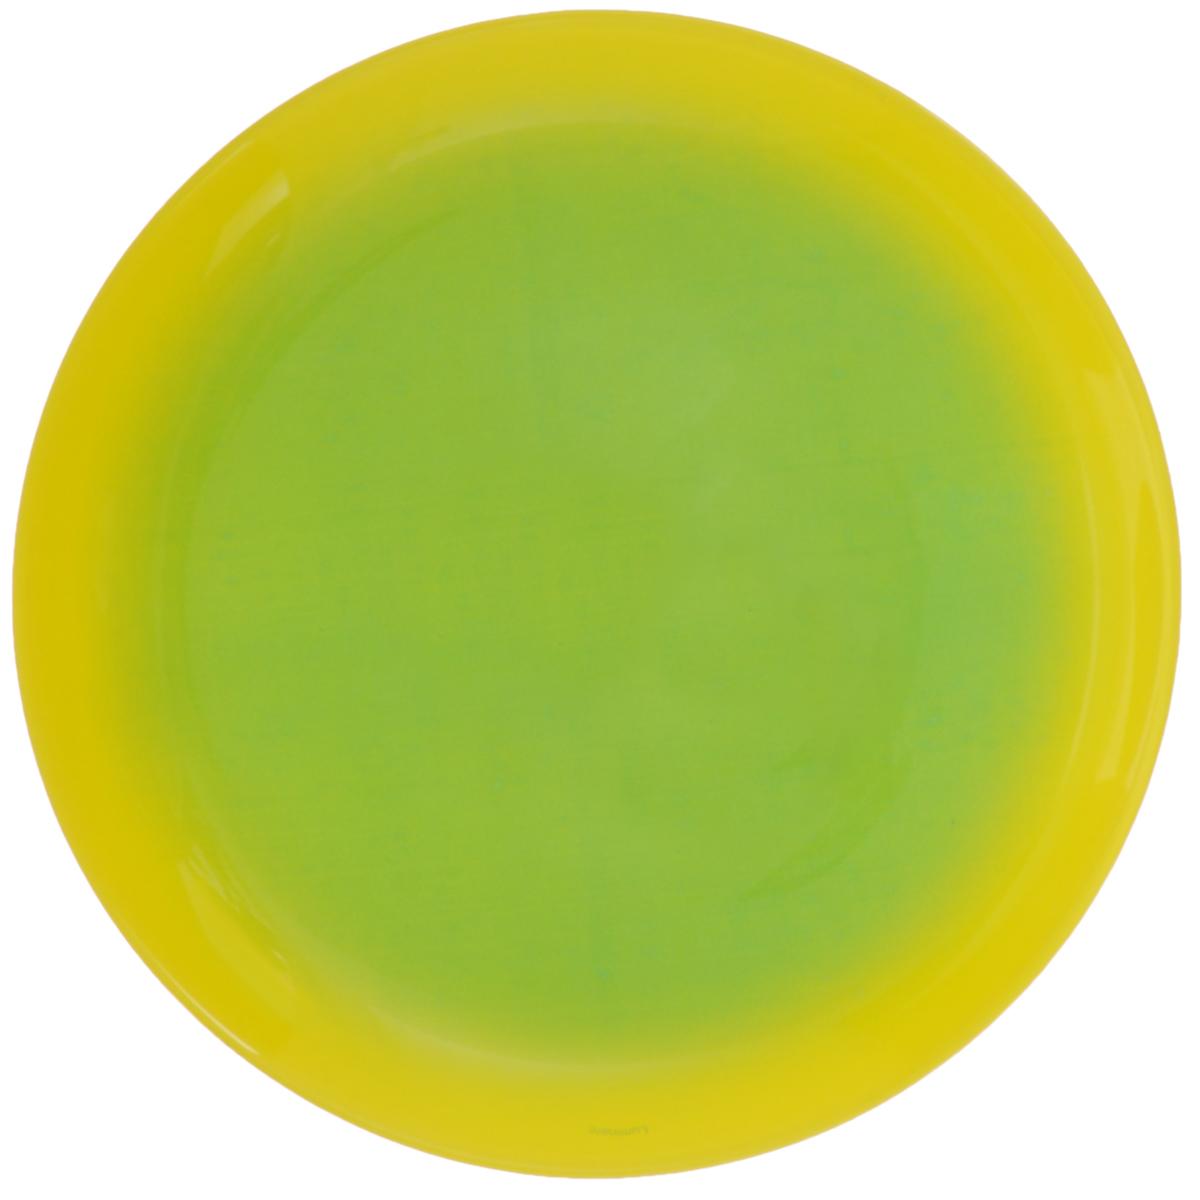 Тарелка десертная Luminarc Fizz Mint, диаметр 20 см54 009312Десертная тарелка Luminarc Fizz Mint, изготовленная из ударопрочного стекла, имеет изысканный внешний вид. Такая тарелка прекрасно подходит как для торжественных случаев, так и для повседневного использования. Идеальна для подачи десертов, пирожных, тортов и многого другого. Она прекрасно оформит стол и станет отличным дополнением к вашей коллекции кухонной посуды. Диаметр тарелки (по верхнему краю): 20 см.